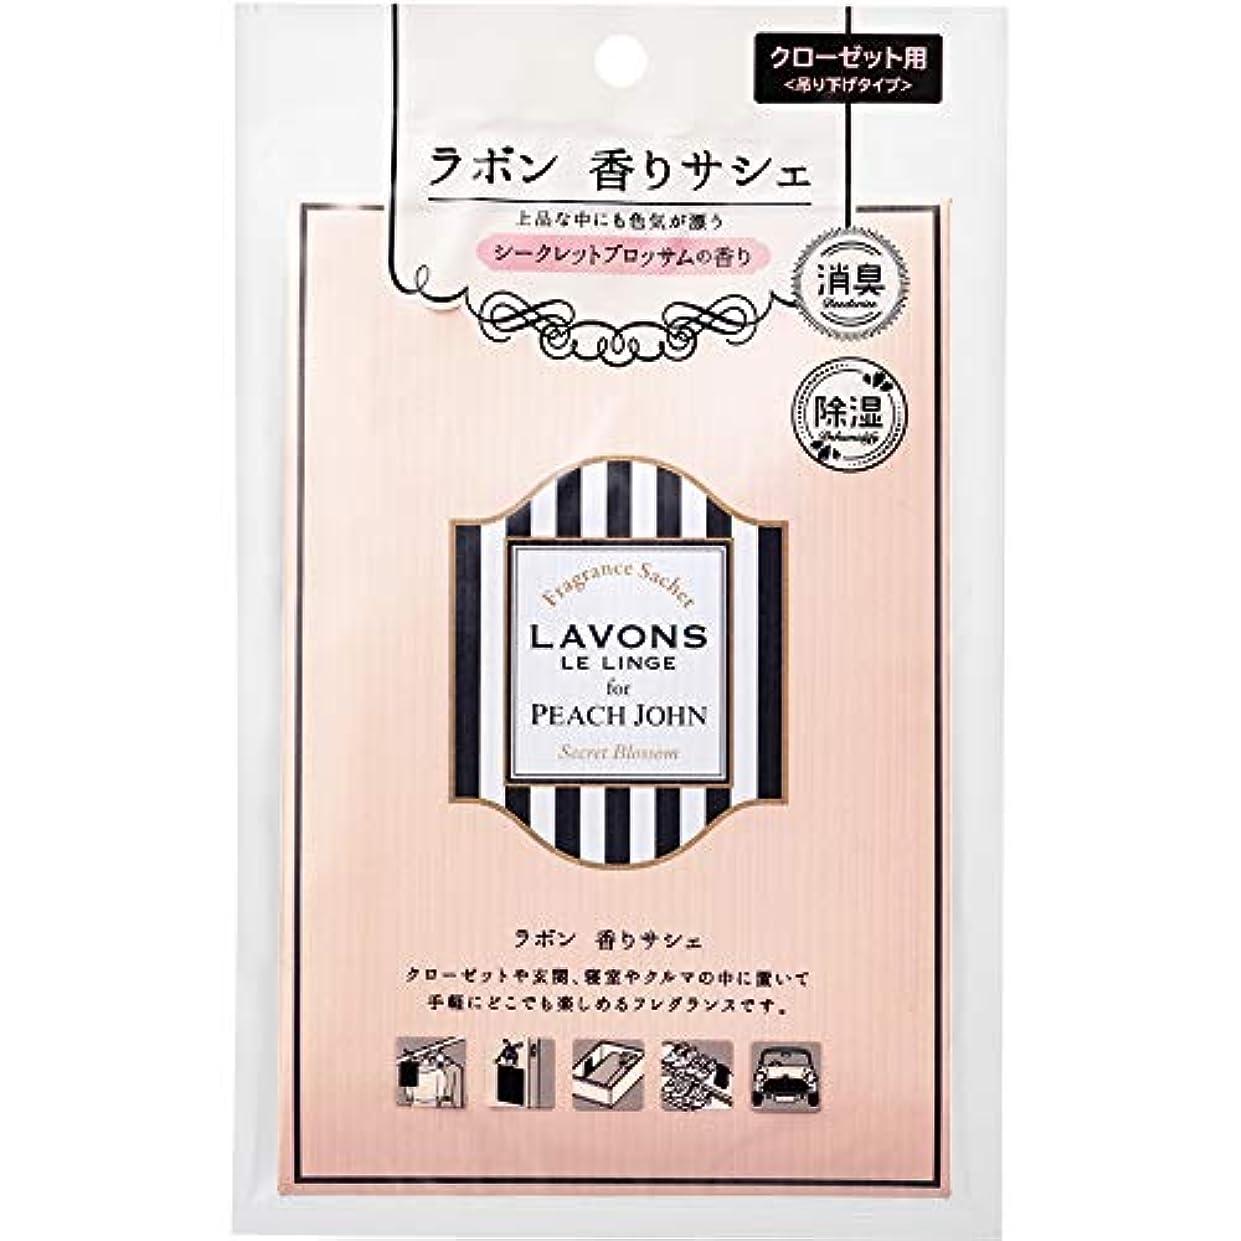 そよ風服を片付ける万歳ラボン for PEACH JOHN 香りサシェ (香り袋) シークレットブロッサムの香り 20g